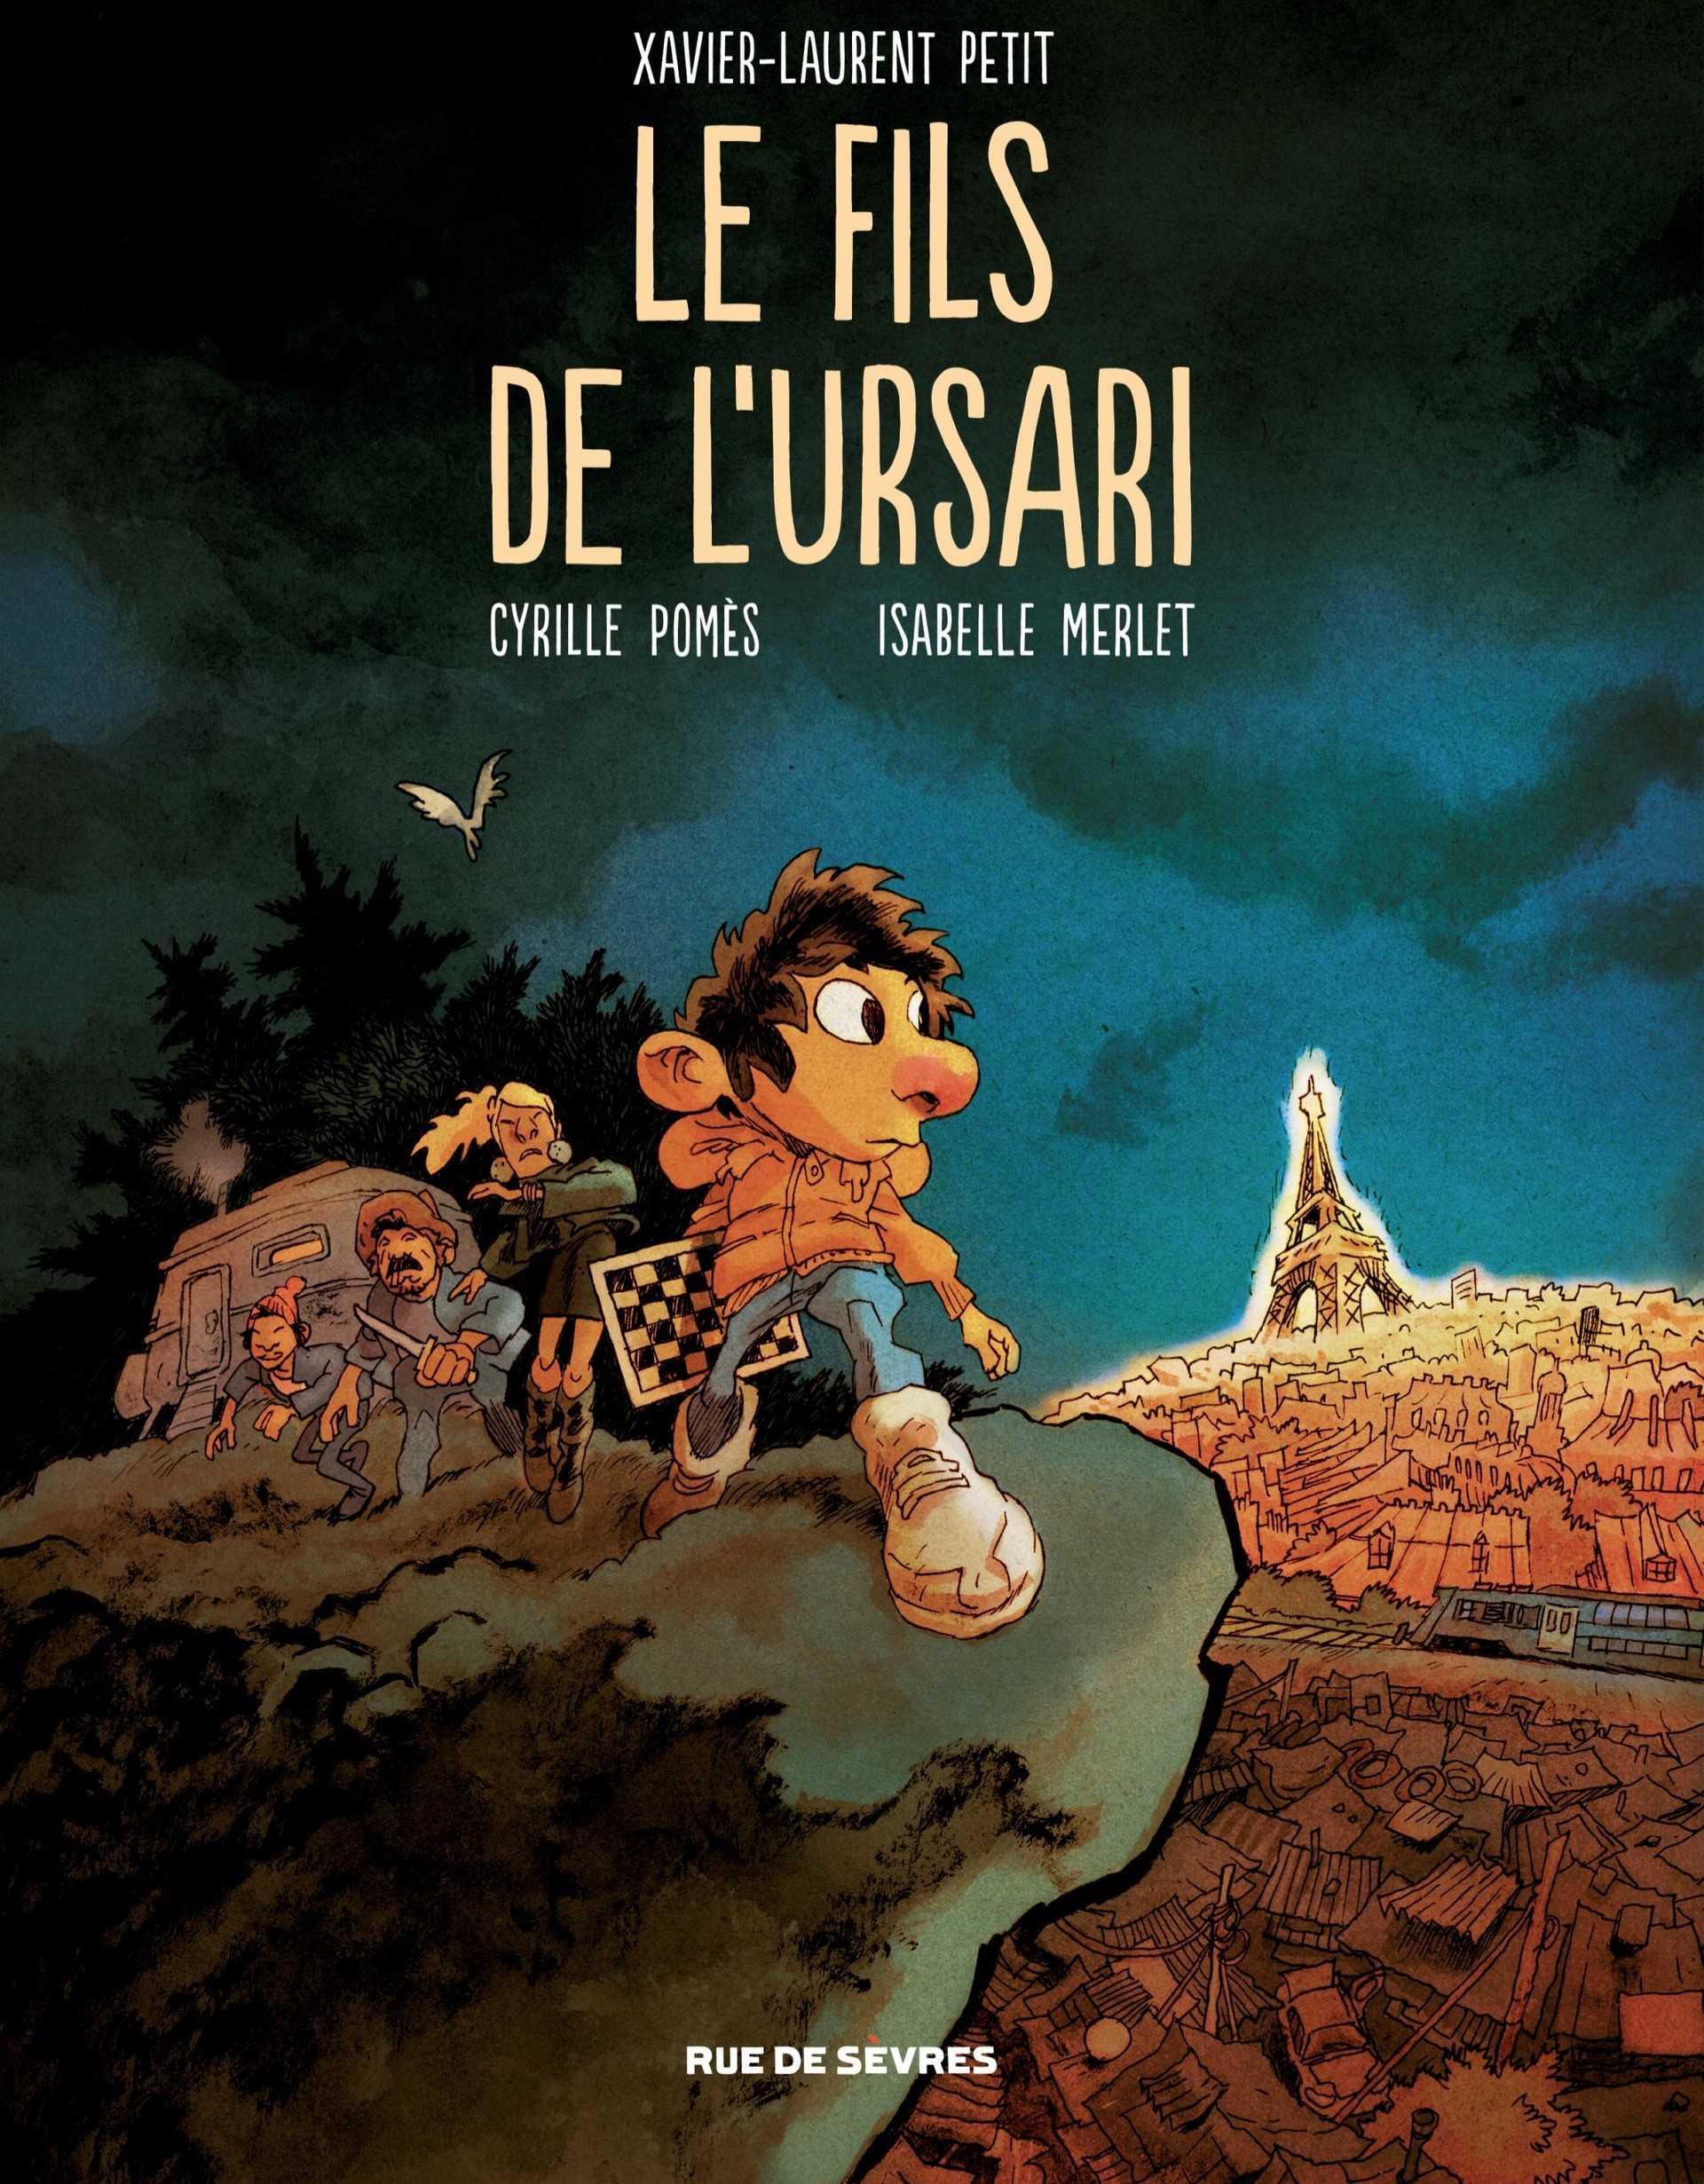 Prix Jeunesse ACBD 2019 pour Le Fils de l'Ursari de Xavier-Laurent Petit et Cyrille Pomès